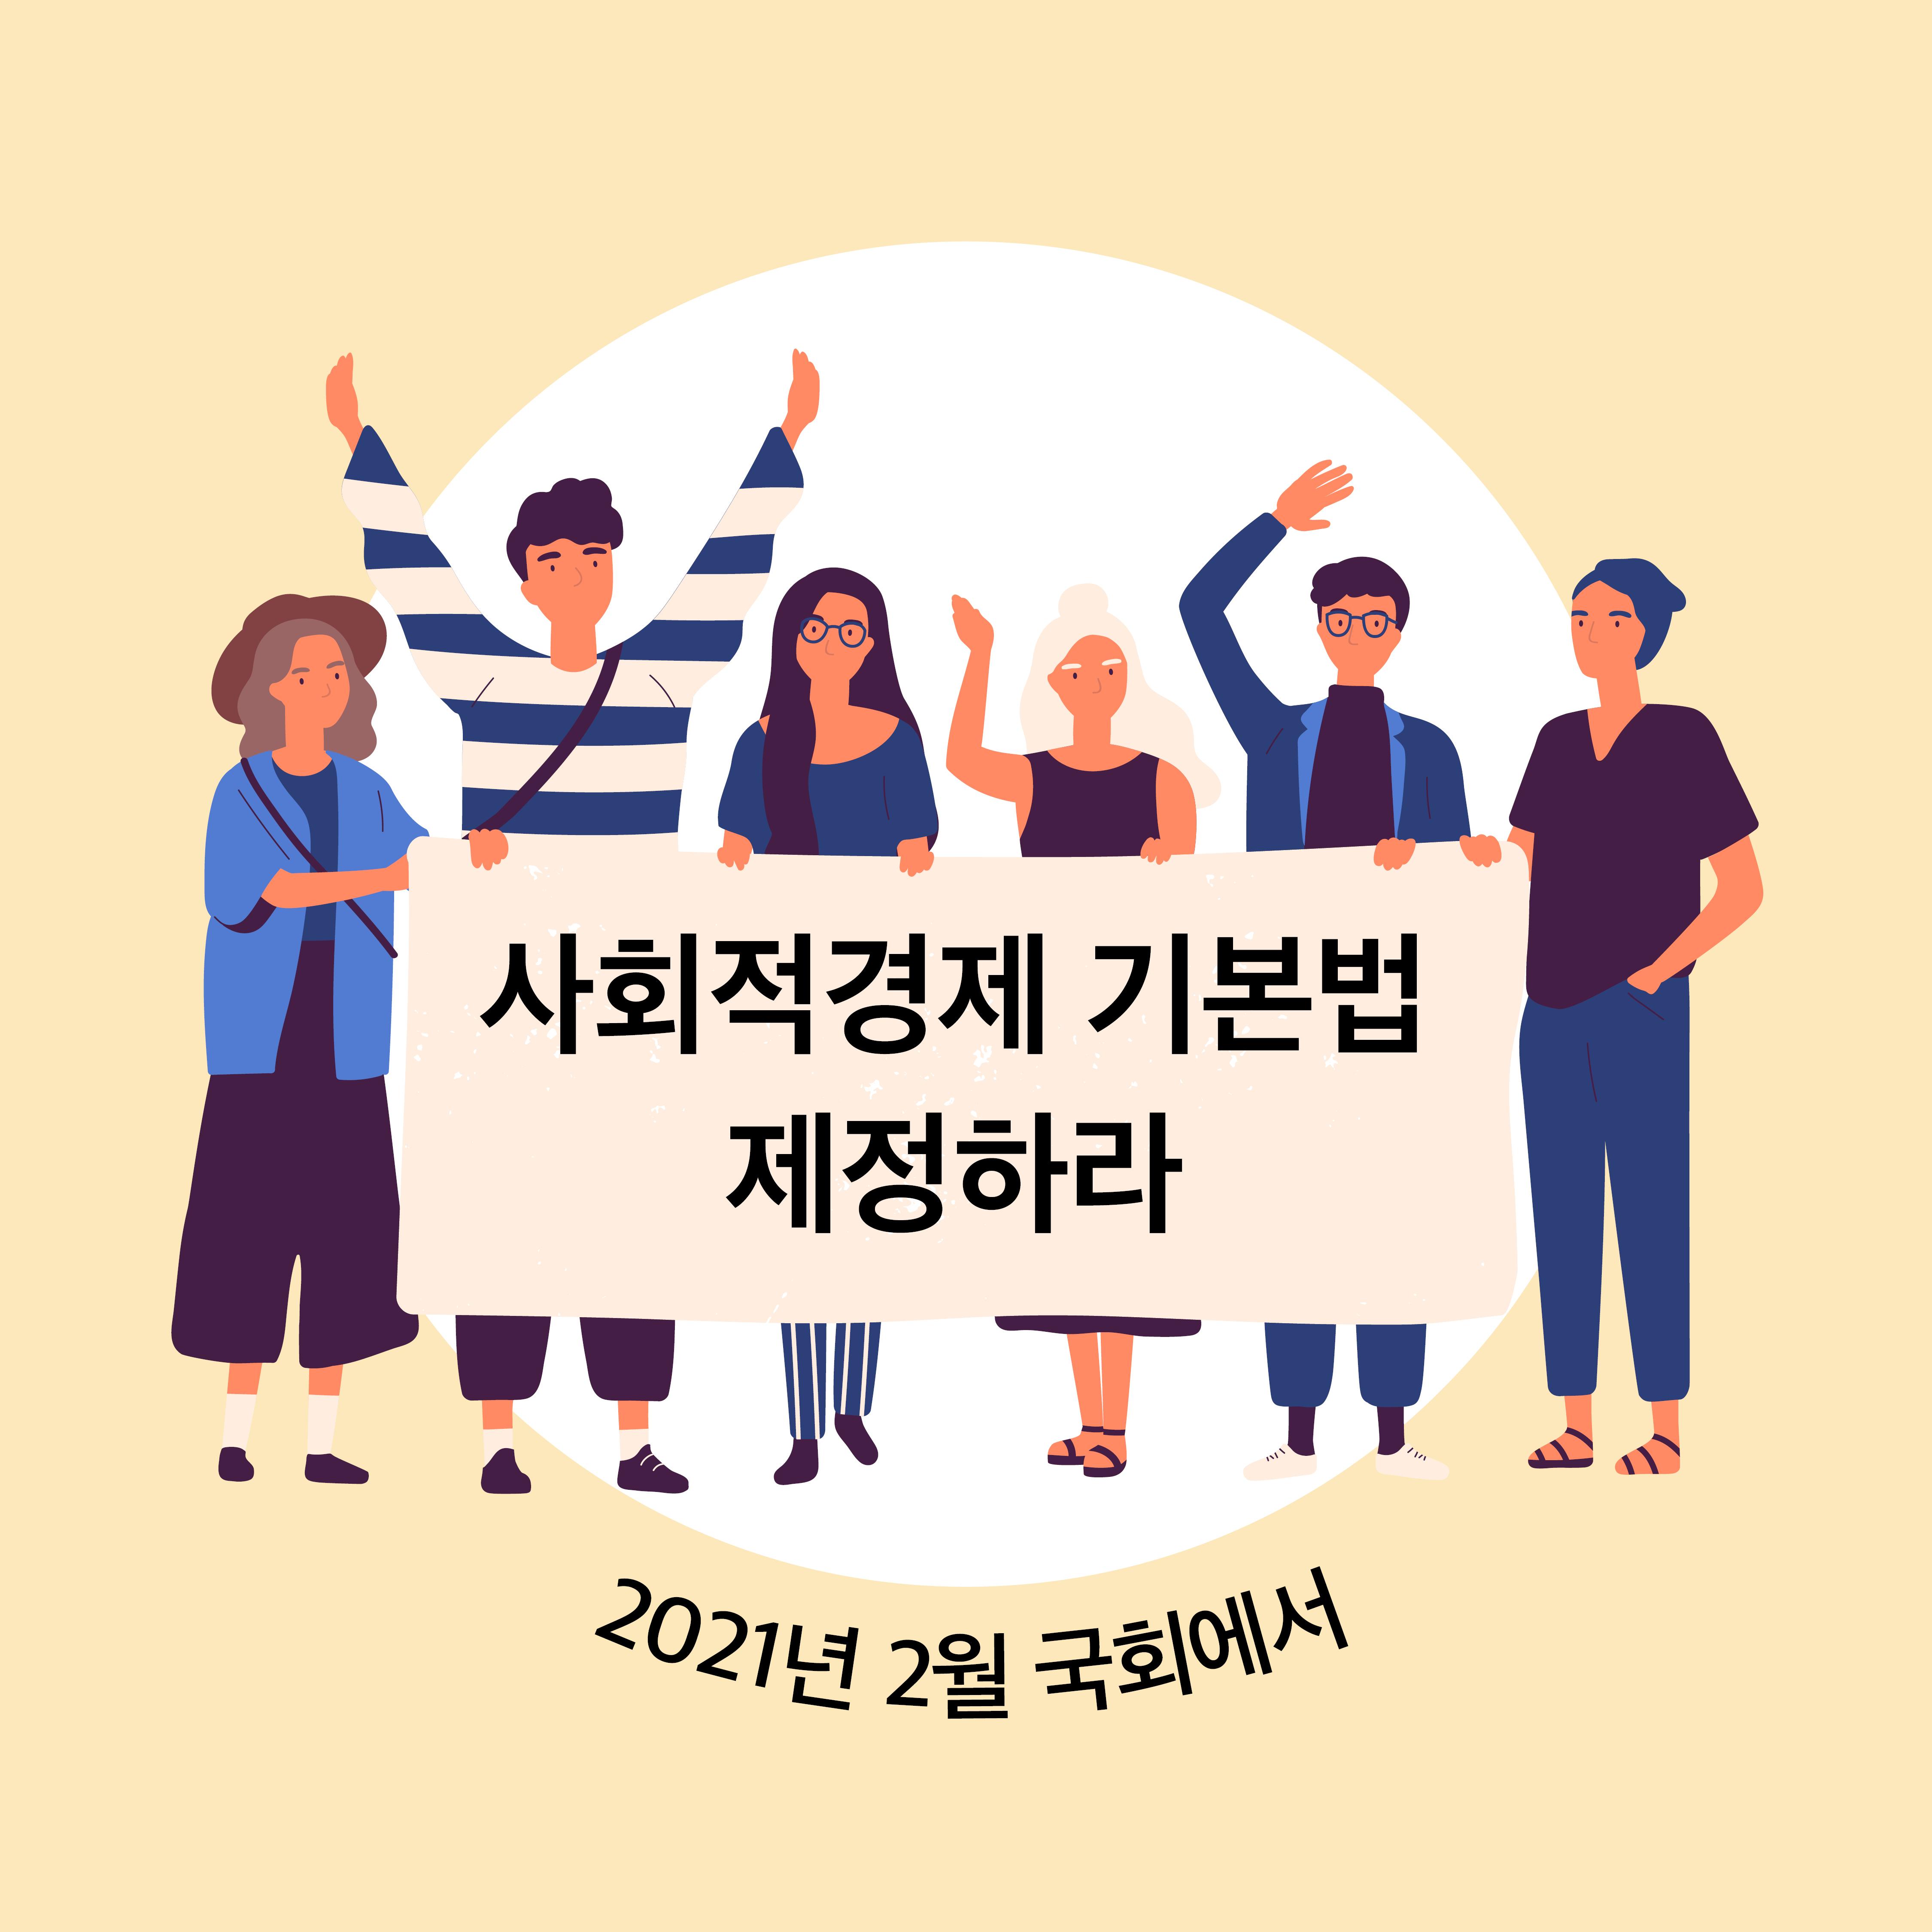 사회적경제 기본법 촉구 캠페인 참여 방법